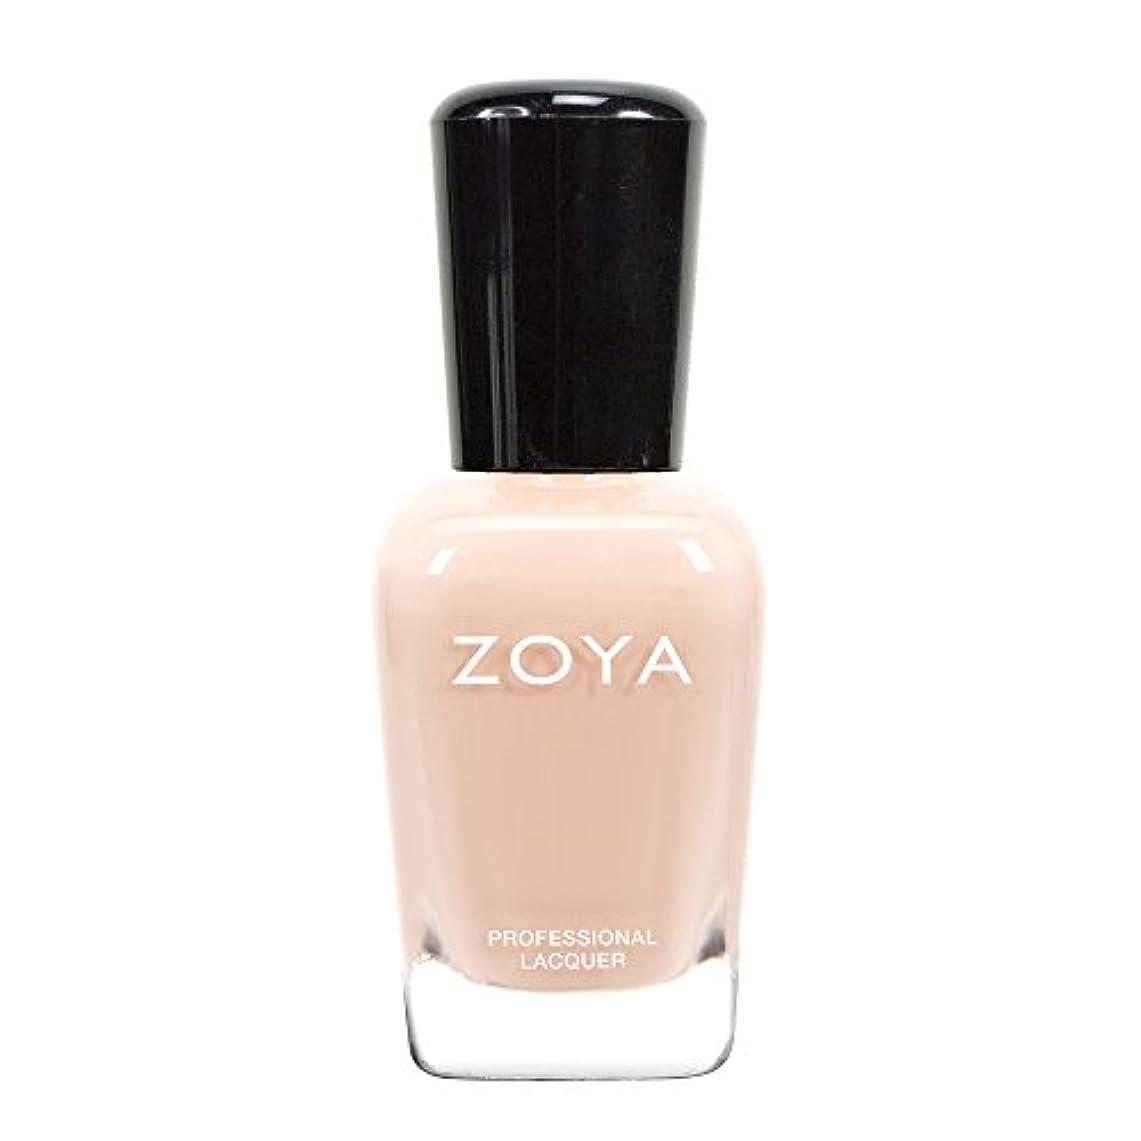 プロフェッショナル自分自身断線ZOYA ゾーヤ ネイルカラーZP704 CHANTAL シャンタール 15ml 2014 NATUREL Collection 柔らかいバニラクリームのようなヌードベージュ マット 爪にやさしいネイルラッカーマニキュア